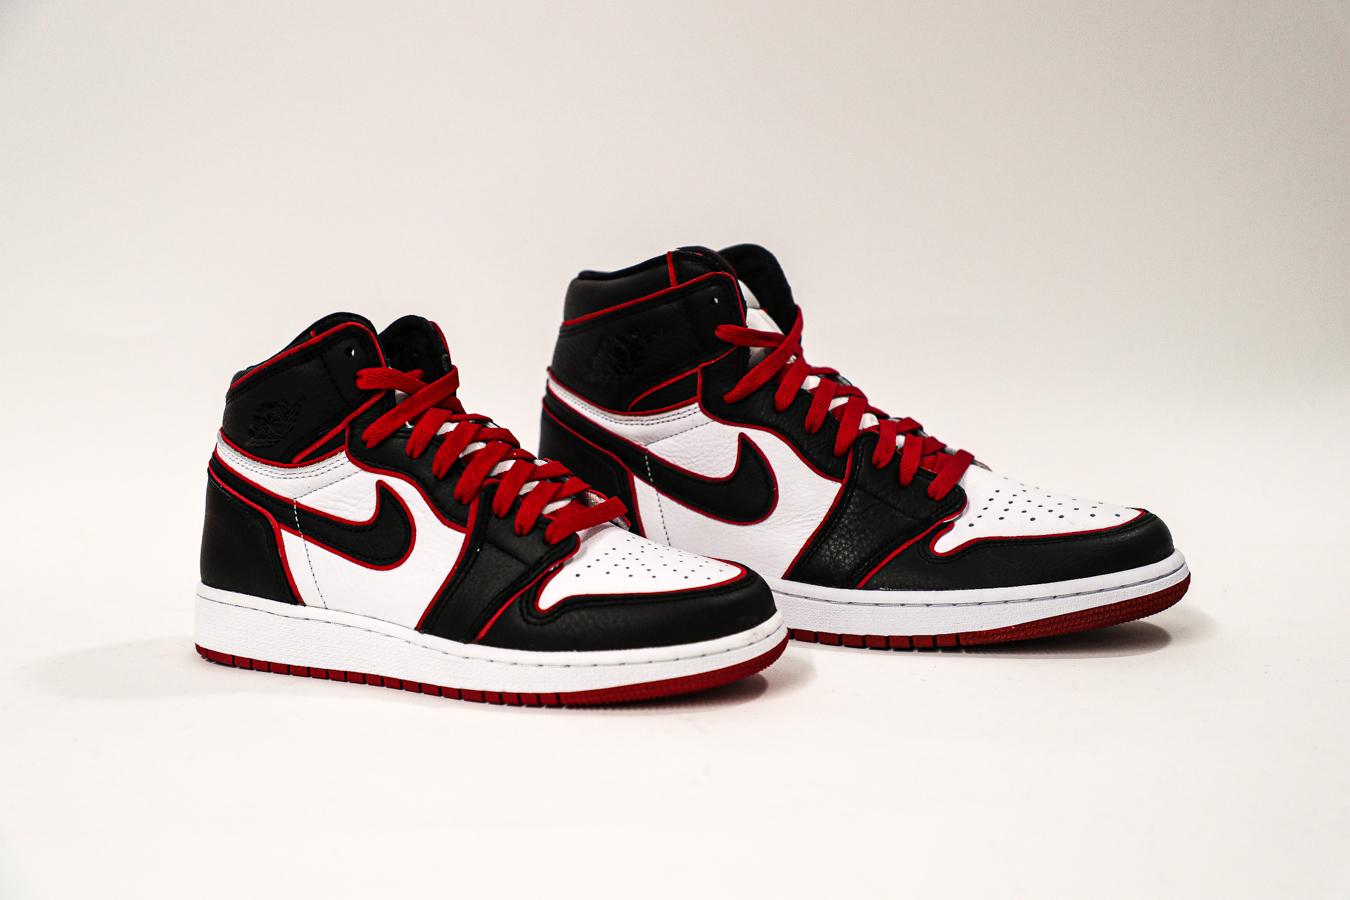 Foot Locker 'Week of Greatness' Week 2 Sneaker Releases ...